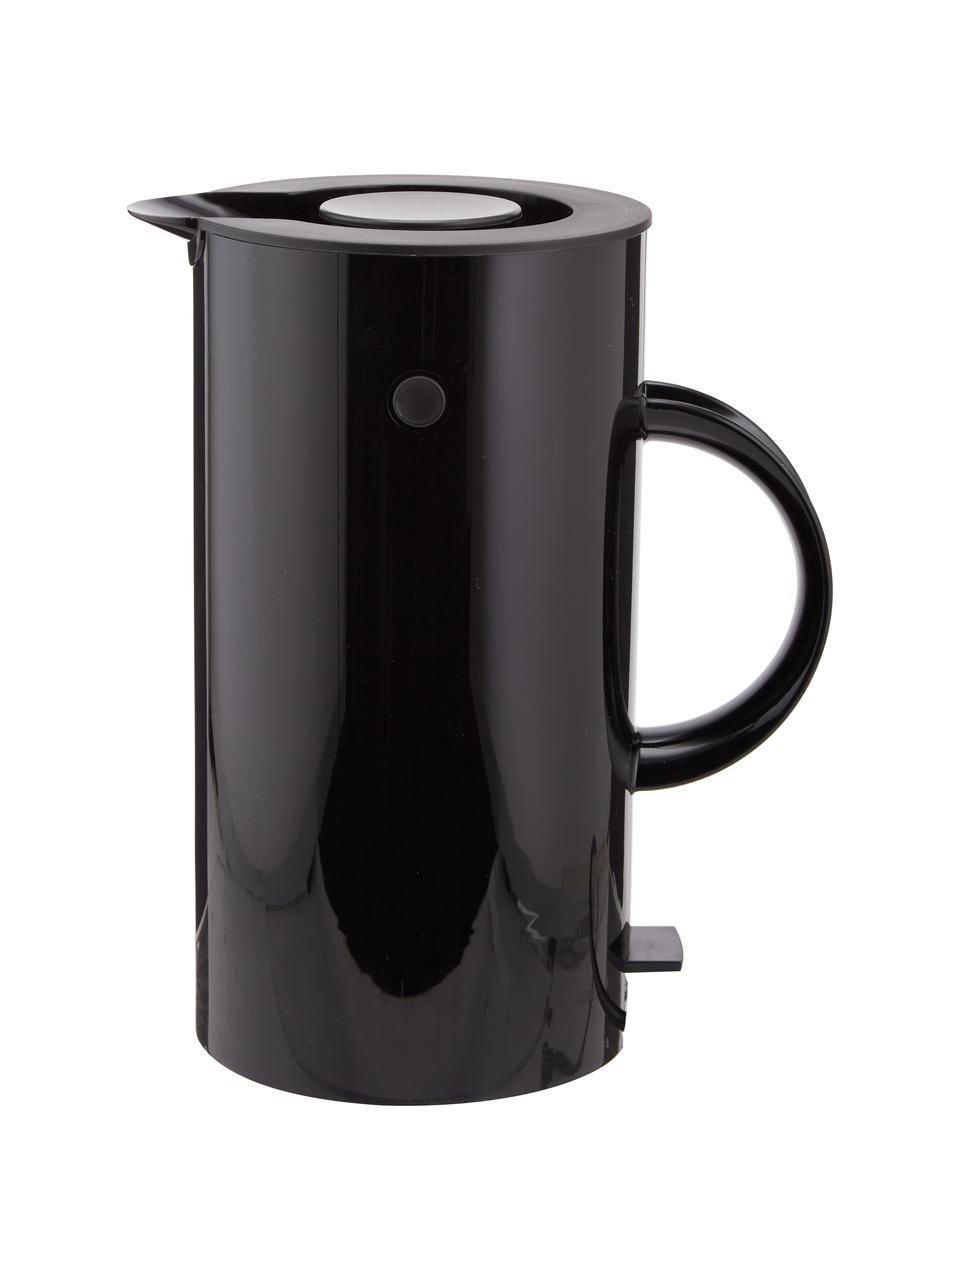 Wasserkocher EM77 in Schwarz glänzend, 1.5 L, Korpus: Edelstahl, Beschichtung: Emaille, Schwarz, 1,5 L